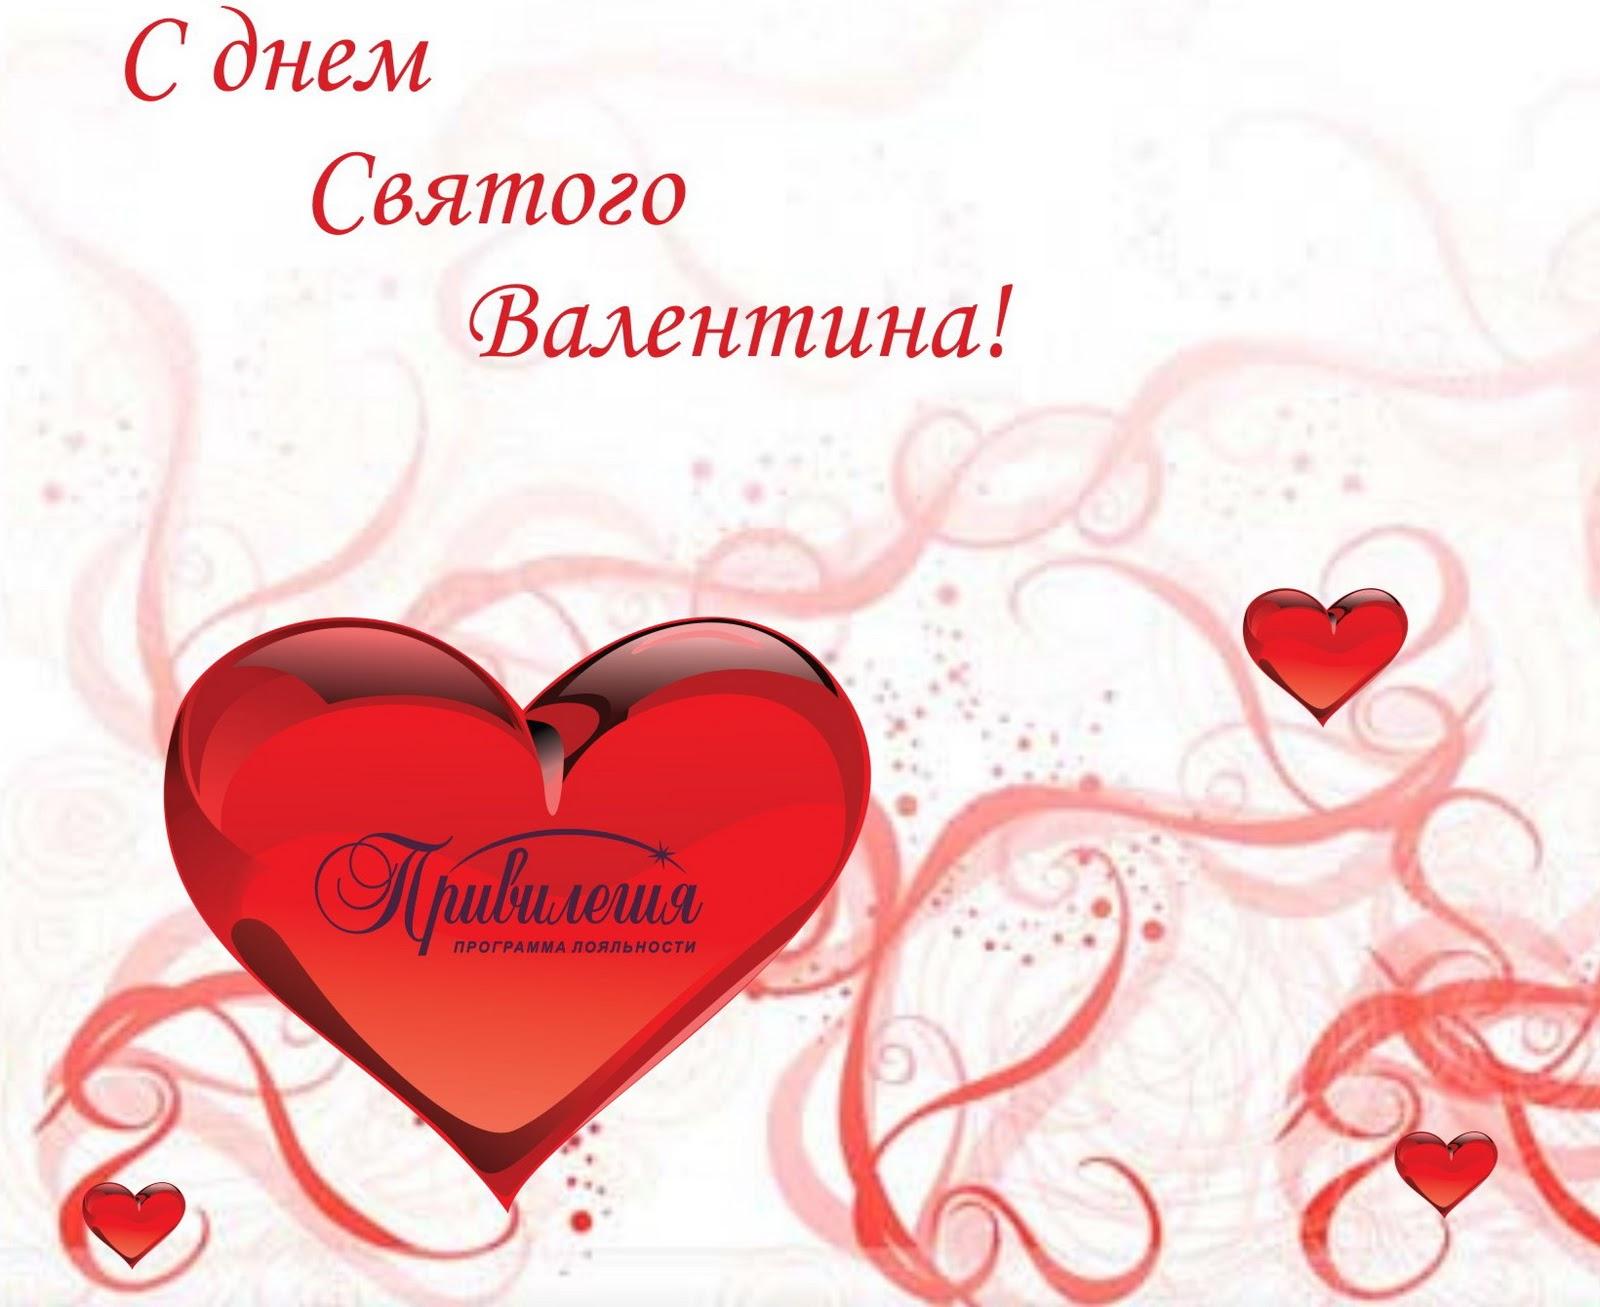 Поздравление ко дню святому валентину